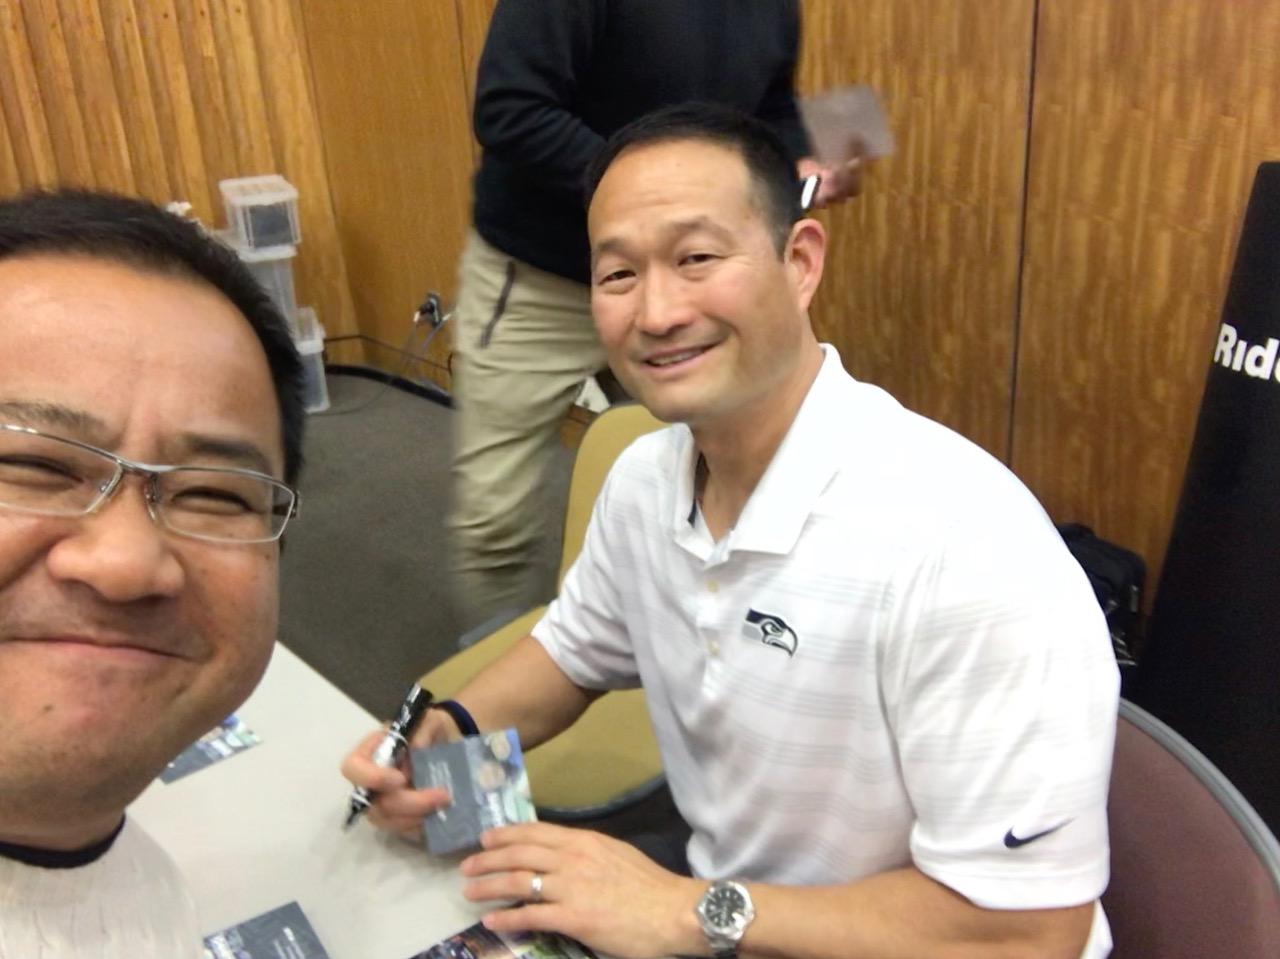 中村多聞さん(左)とクリニックの講師を務めたロッキー瀬藤氏